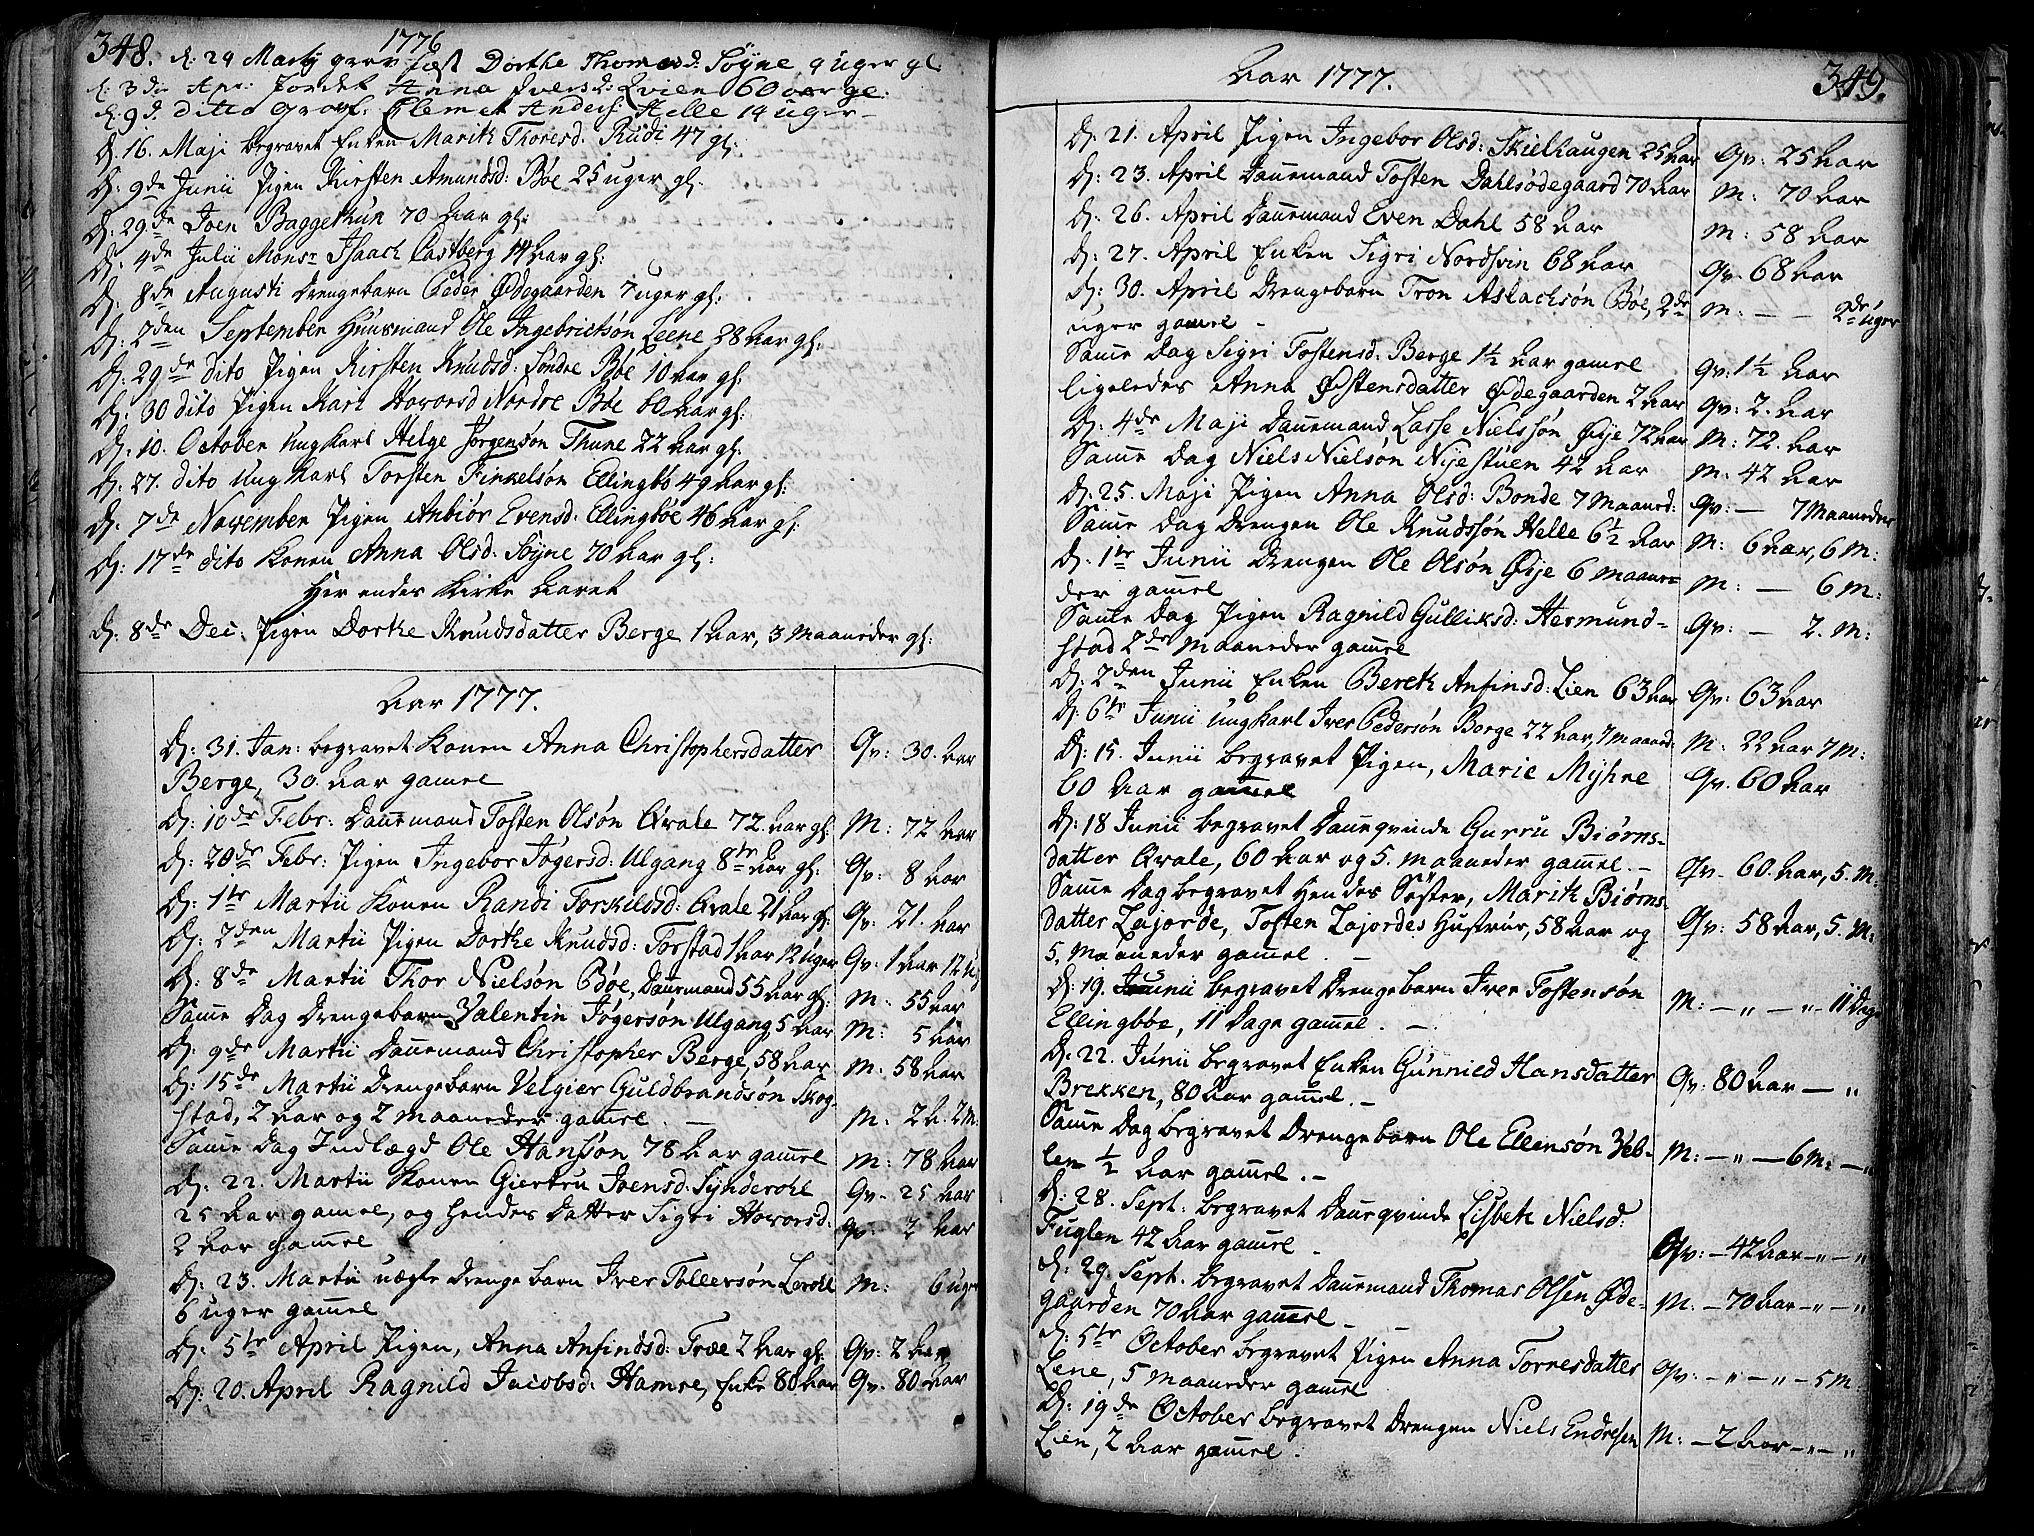 SAH, Vang prestekontor, Valdres, Ministerialbok nr. 1, 1730-1796, s. 348-349